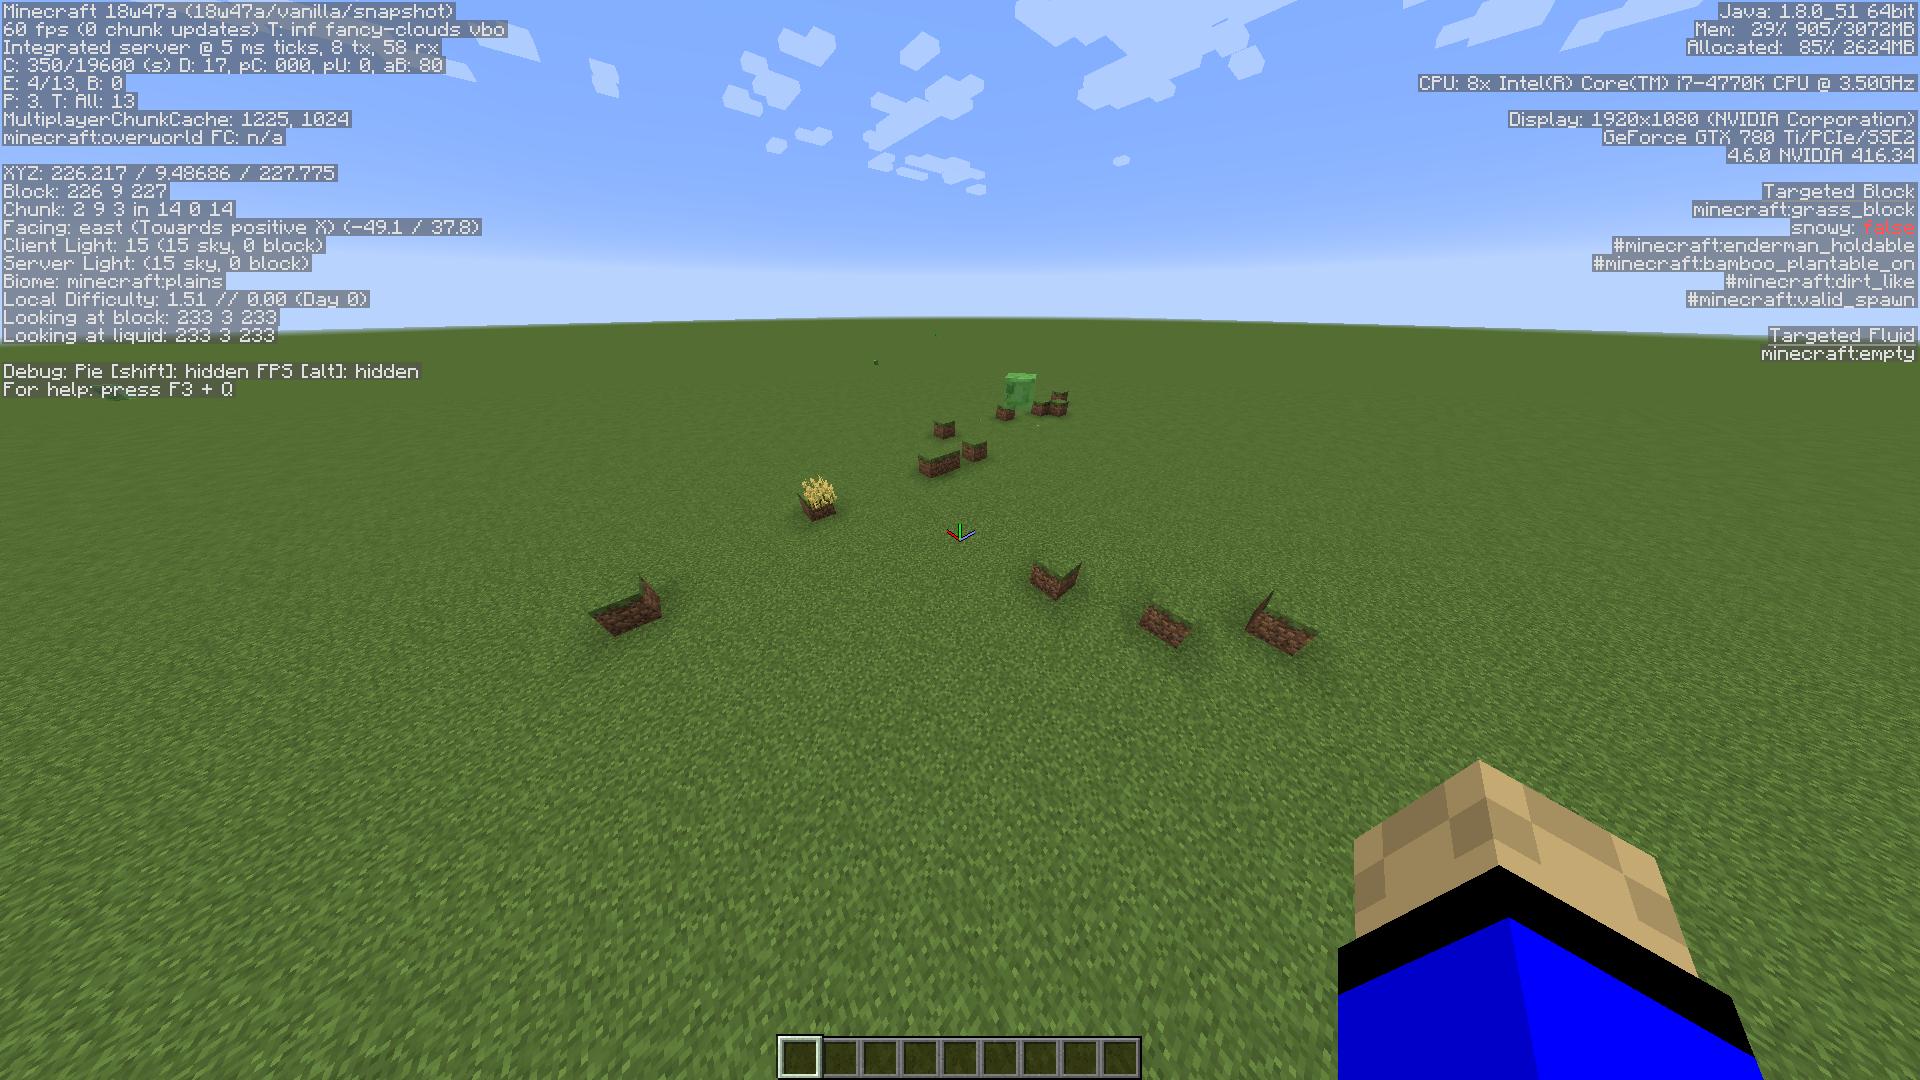 MC-139702] Random Blocks generating near villages in super